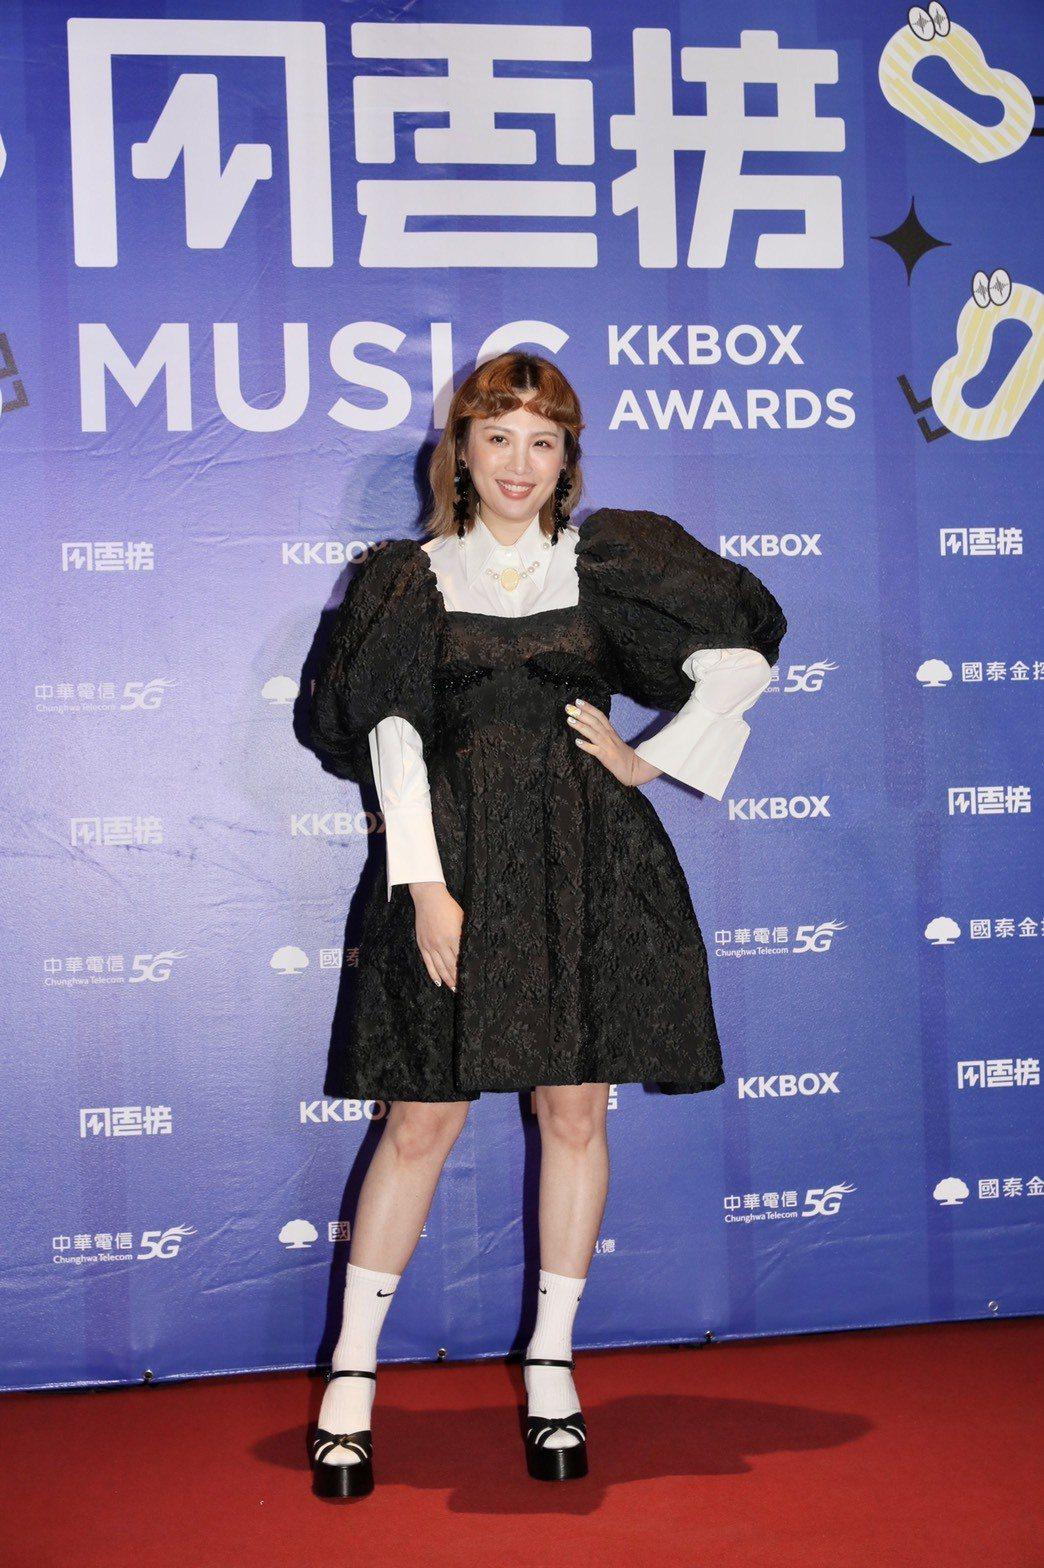 魏如萱今天奪KKBOX年度風雲歌手,看起來相當顯瘦。記者李政龍/攝影